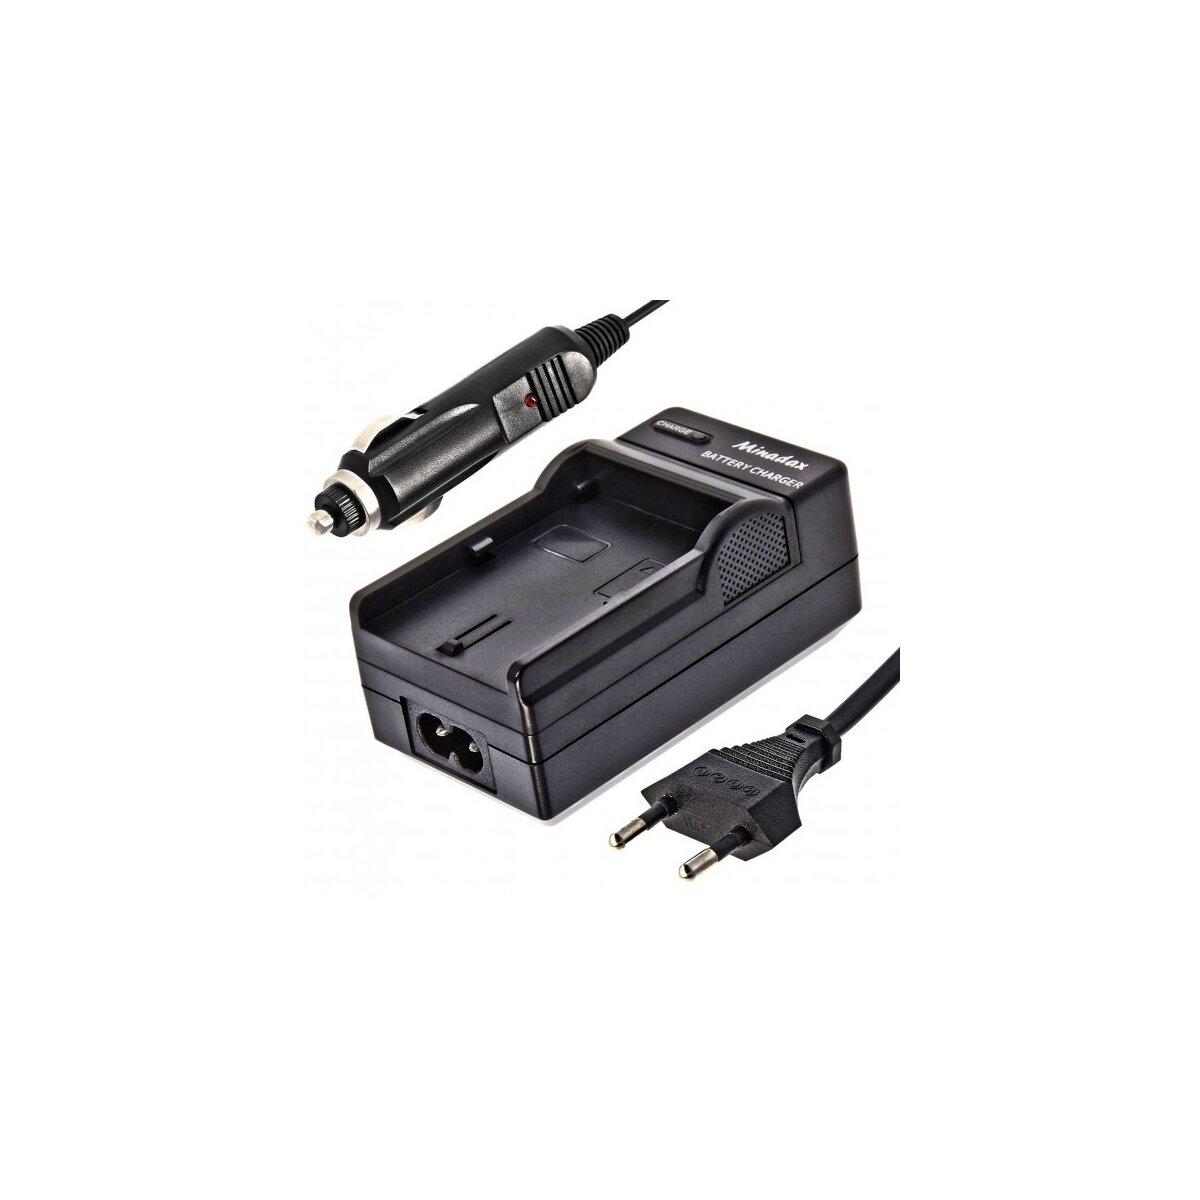 Minadax® Ladegerät 100% kompatibel für Panasonic VW-VBK180, VW-VBK360, VW-VBL090, VW-VBY100 inkl. Auto Ladekabel, Ladeschale austauschbar